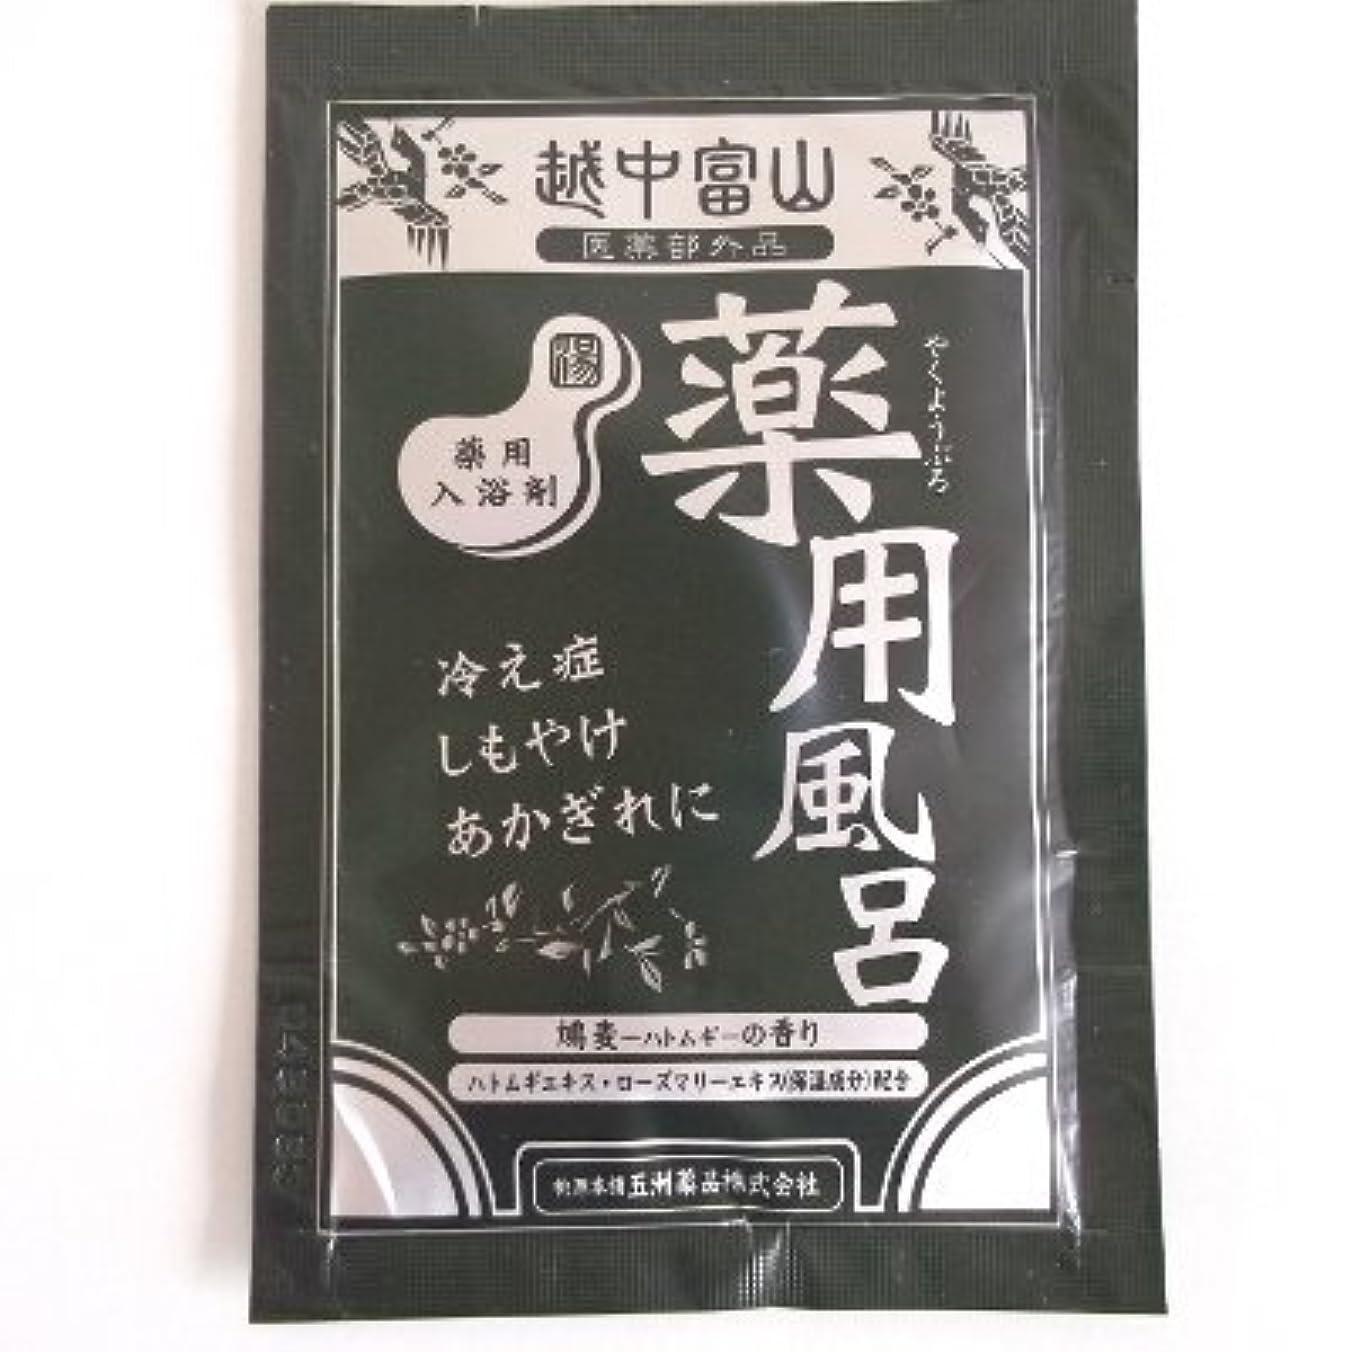 鳴らすいたずらなクラブ越中富山薬用風呂 鳩麦の香り